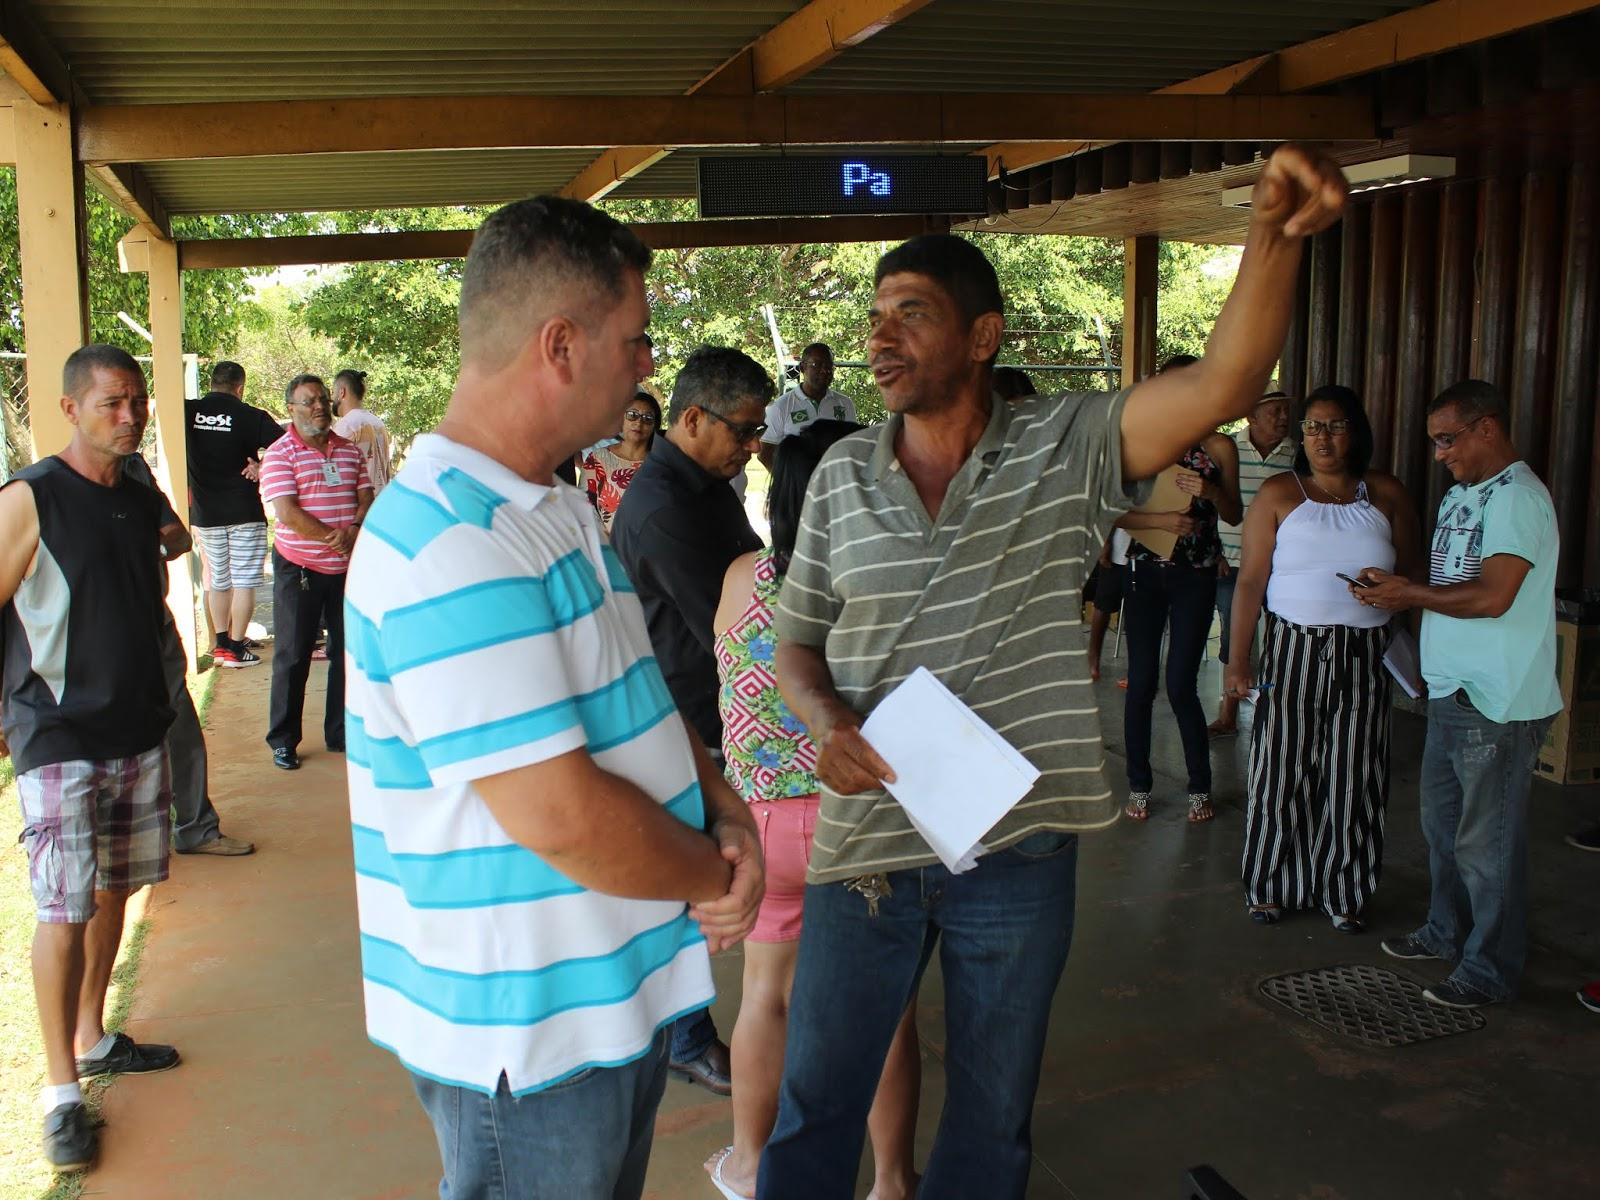 IMG 2816 - Novo administrador do Paranoá, Sergio Damasceno, começa seu primeiro dia de trabalho no Domingo ouvindo a comunidade local.